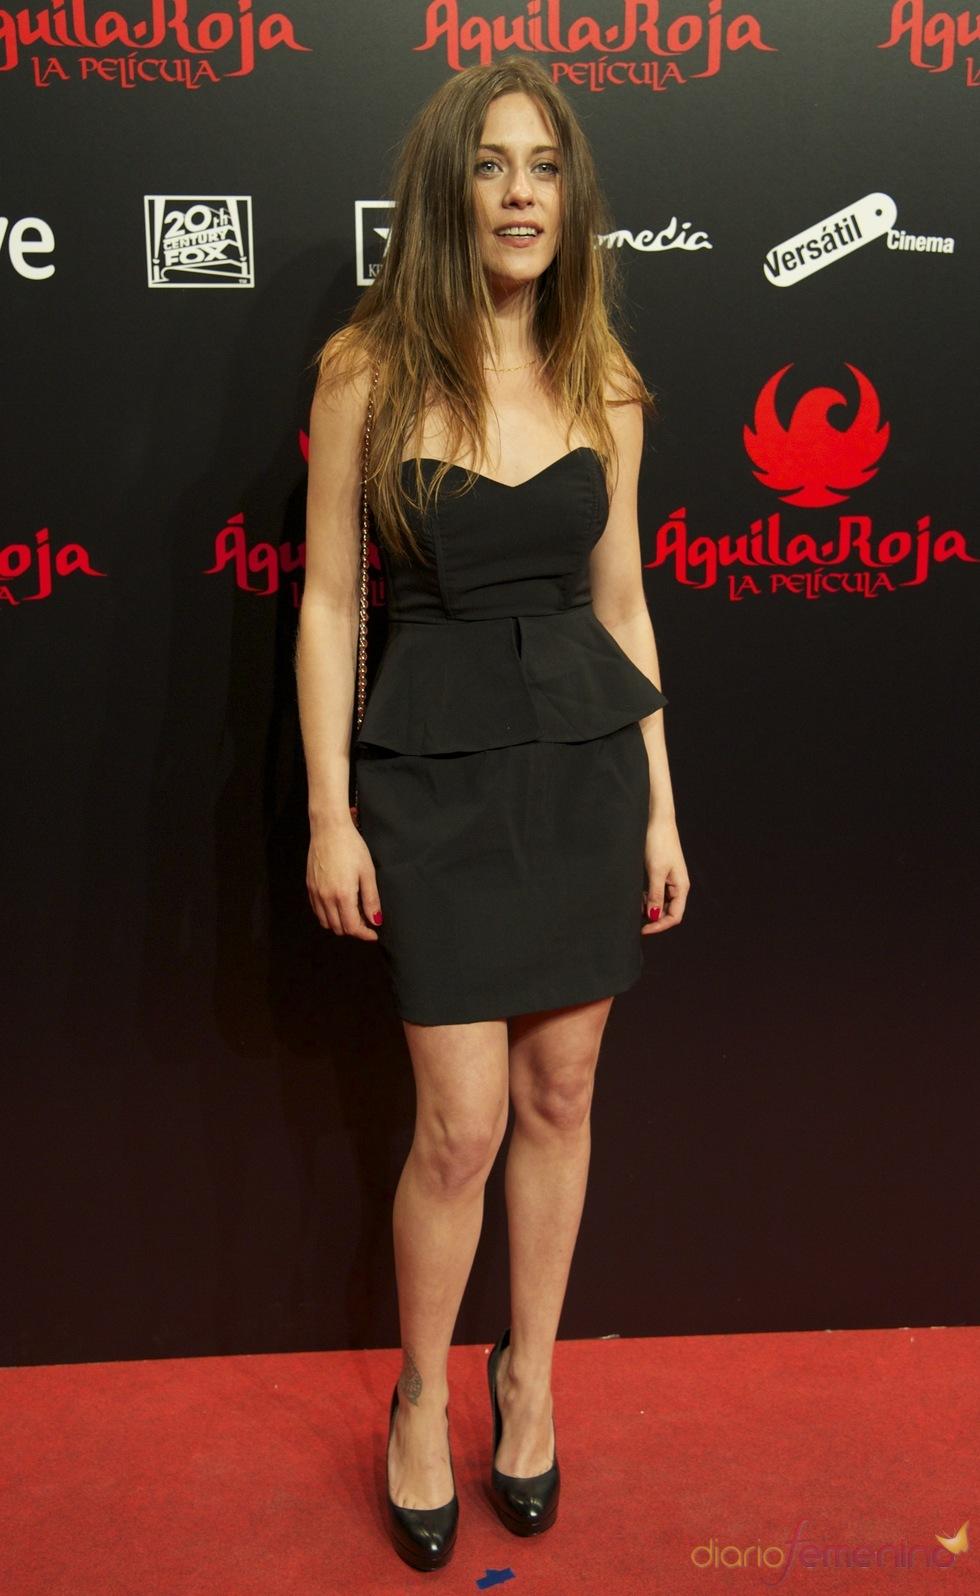 María León en el estreno de 'Águila Roja'